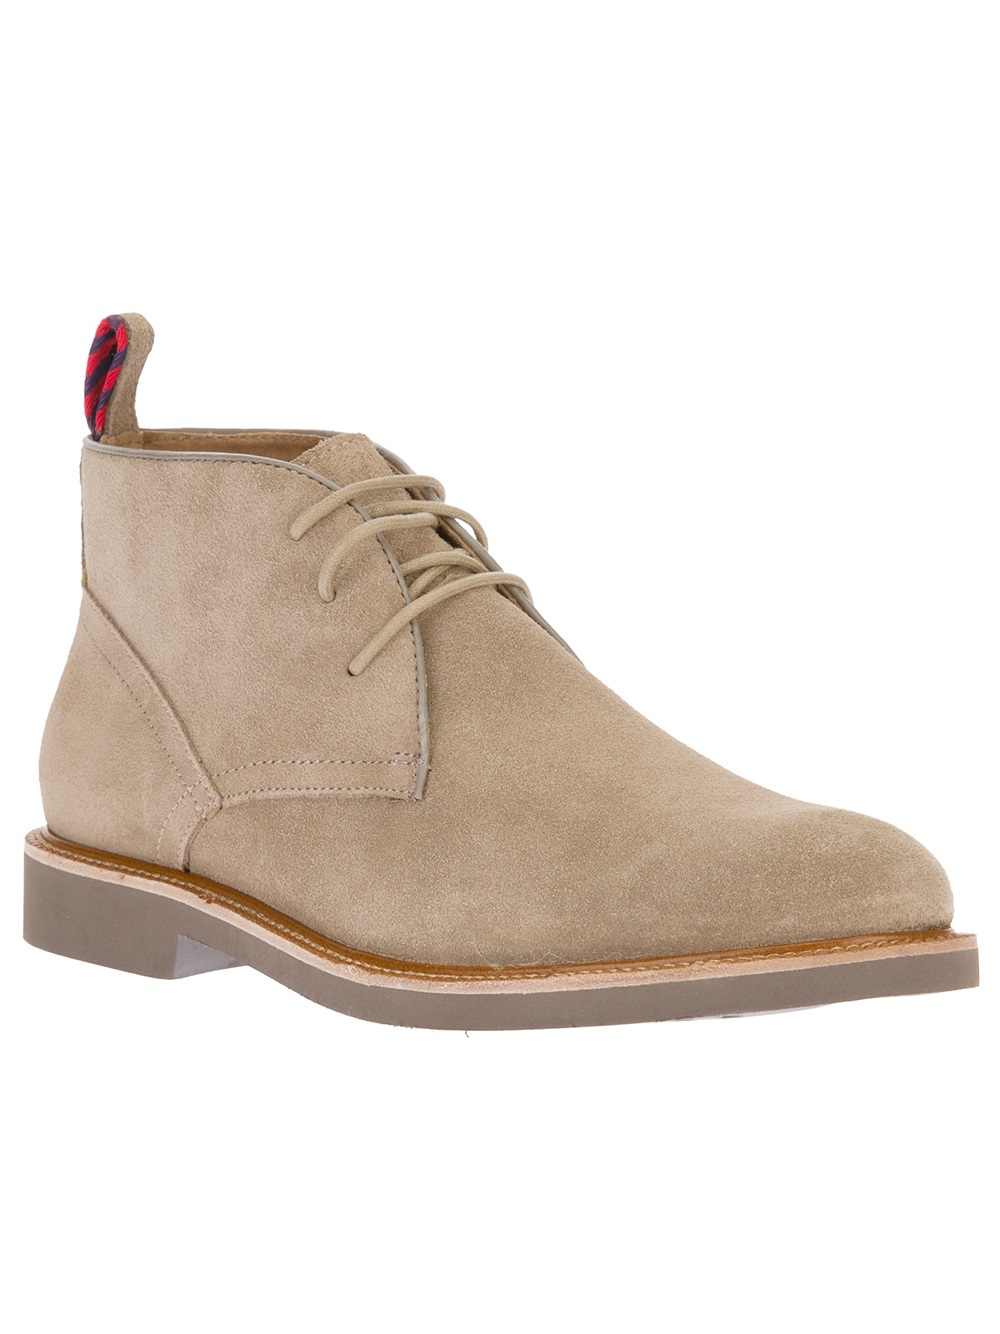 Polo Ralph Lauren Clark Desert Boot in